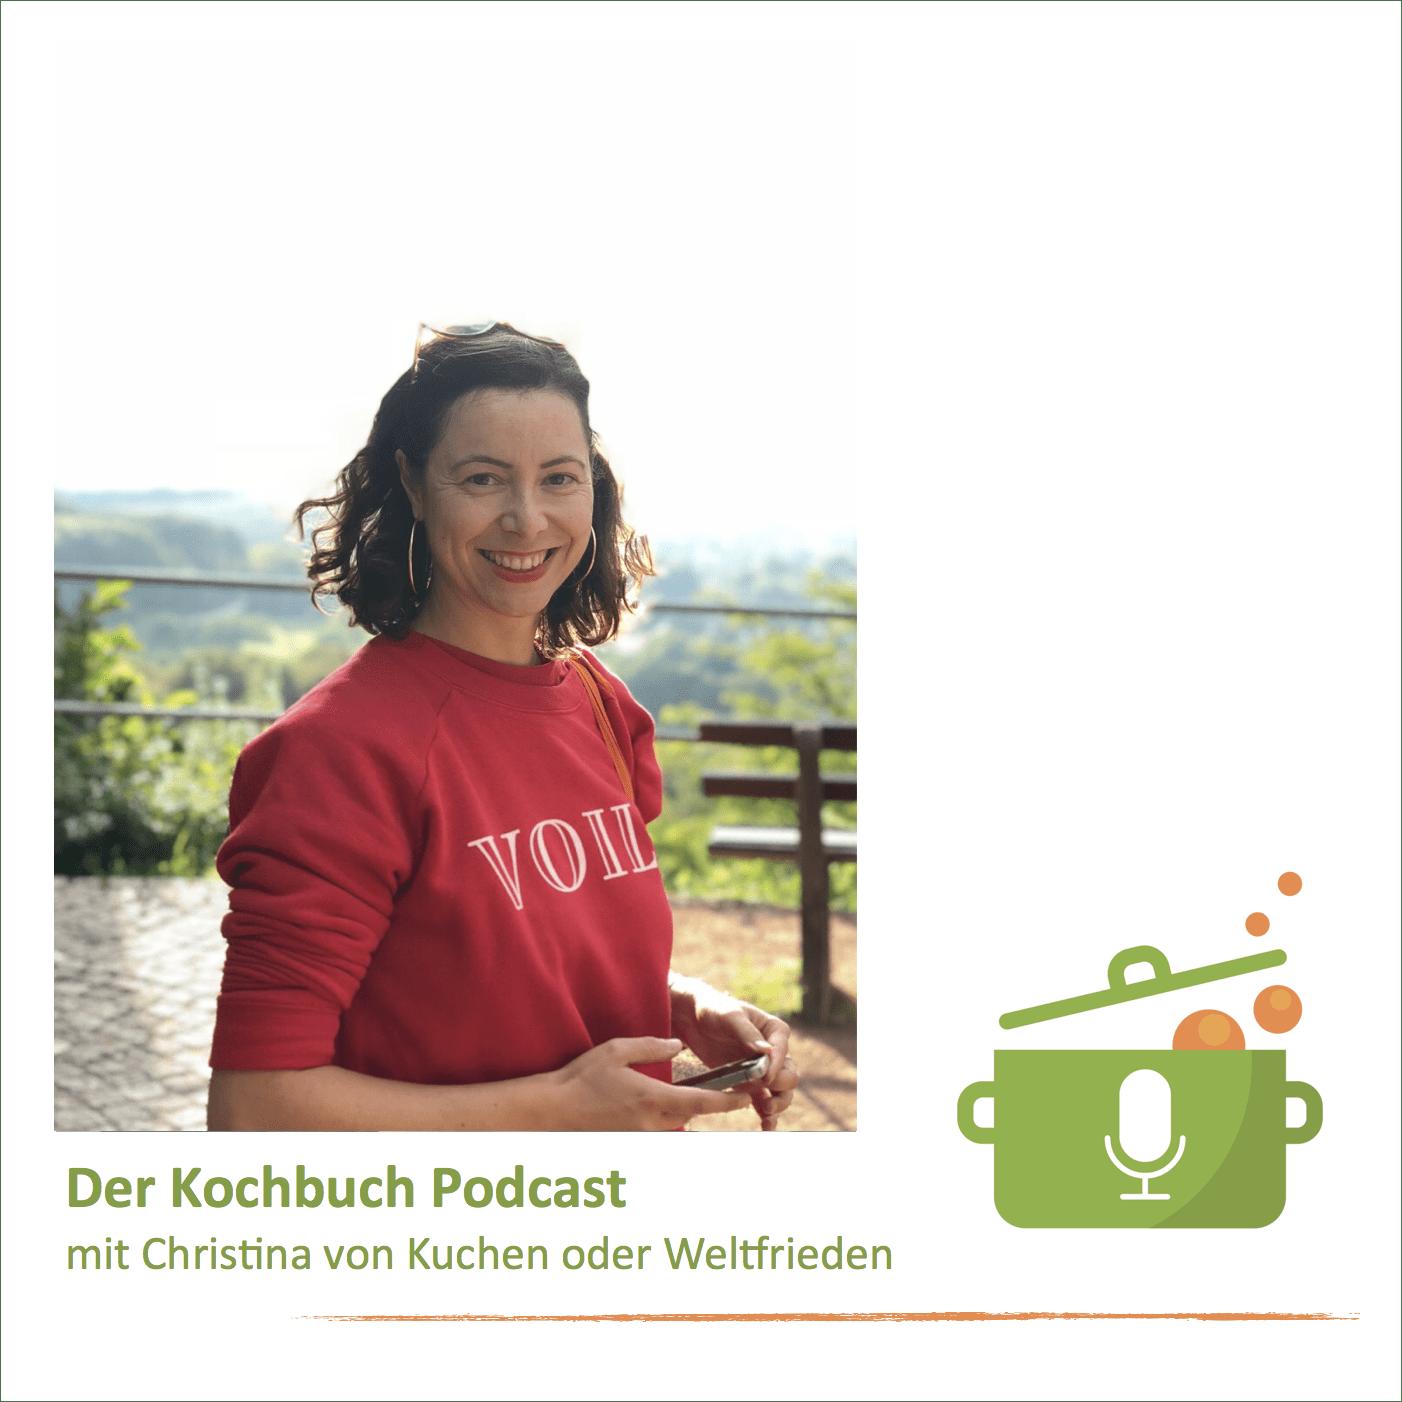 Der Kochbuch Podcast startet